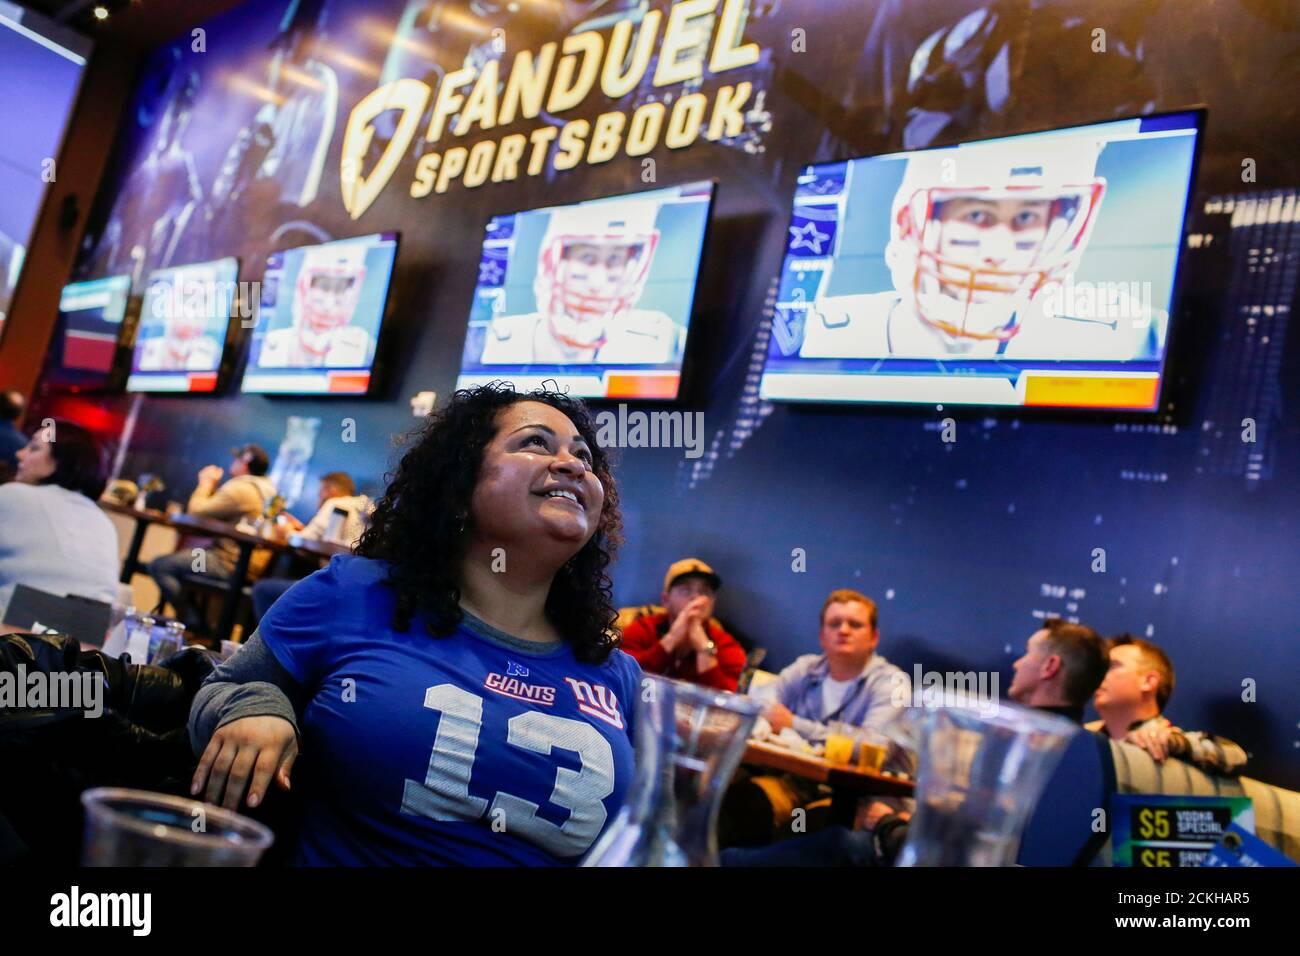 Silquia Patel, (R), 29 ans, regarde le jeu après avoir fait ses Paris à la FANDUEL sportsbook pendant le Super Bowl LIII à East Rutherford, New Jersey, États-Unis, le 3 février 2019. REUTERS/Eduardo Munoz Banque D'Images